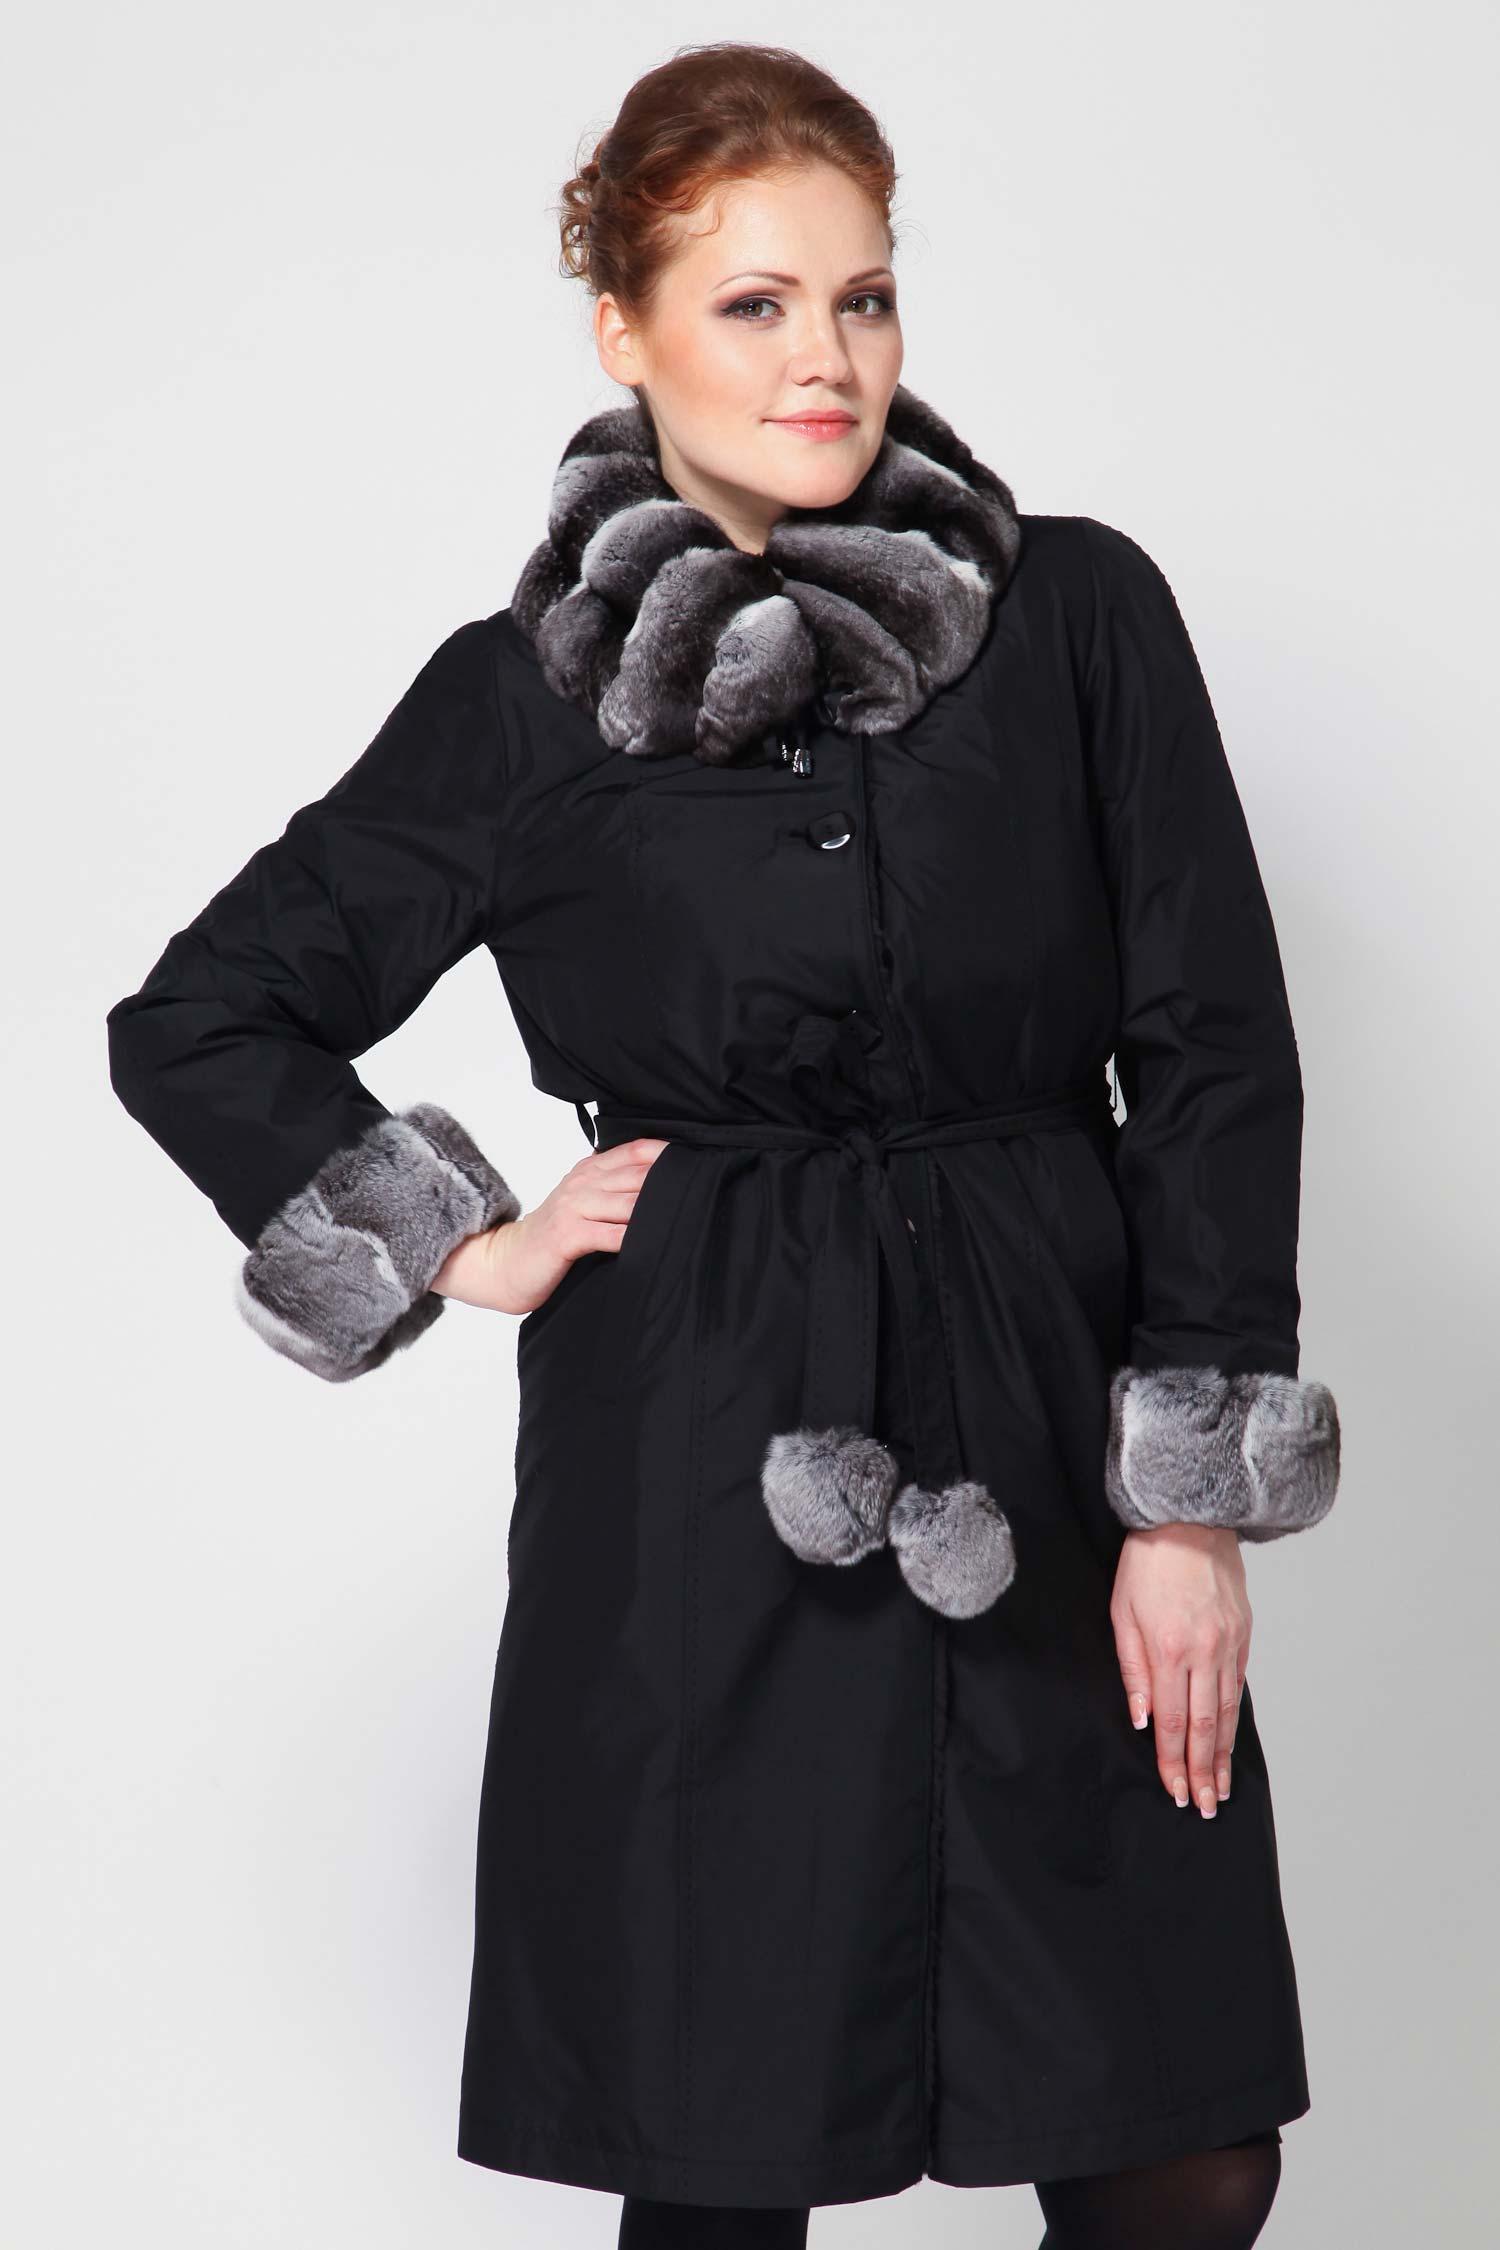 Пальто на меху с воротником, отделка кролик рекс от Московская Меховая Компания